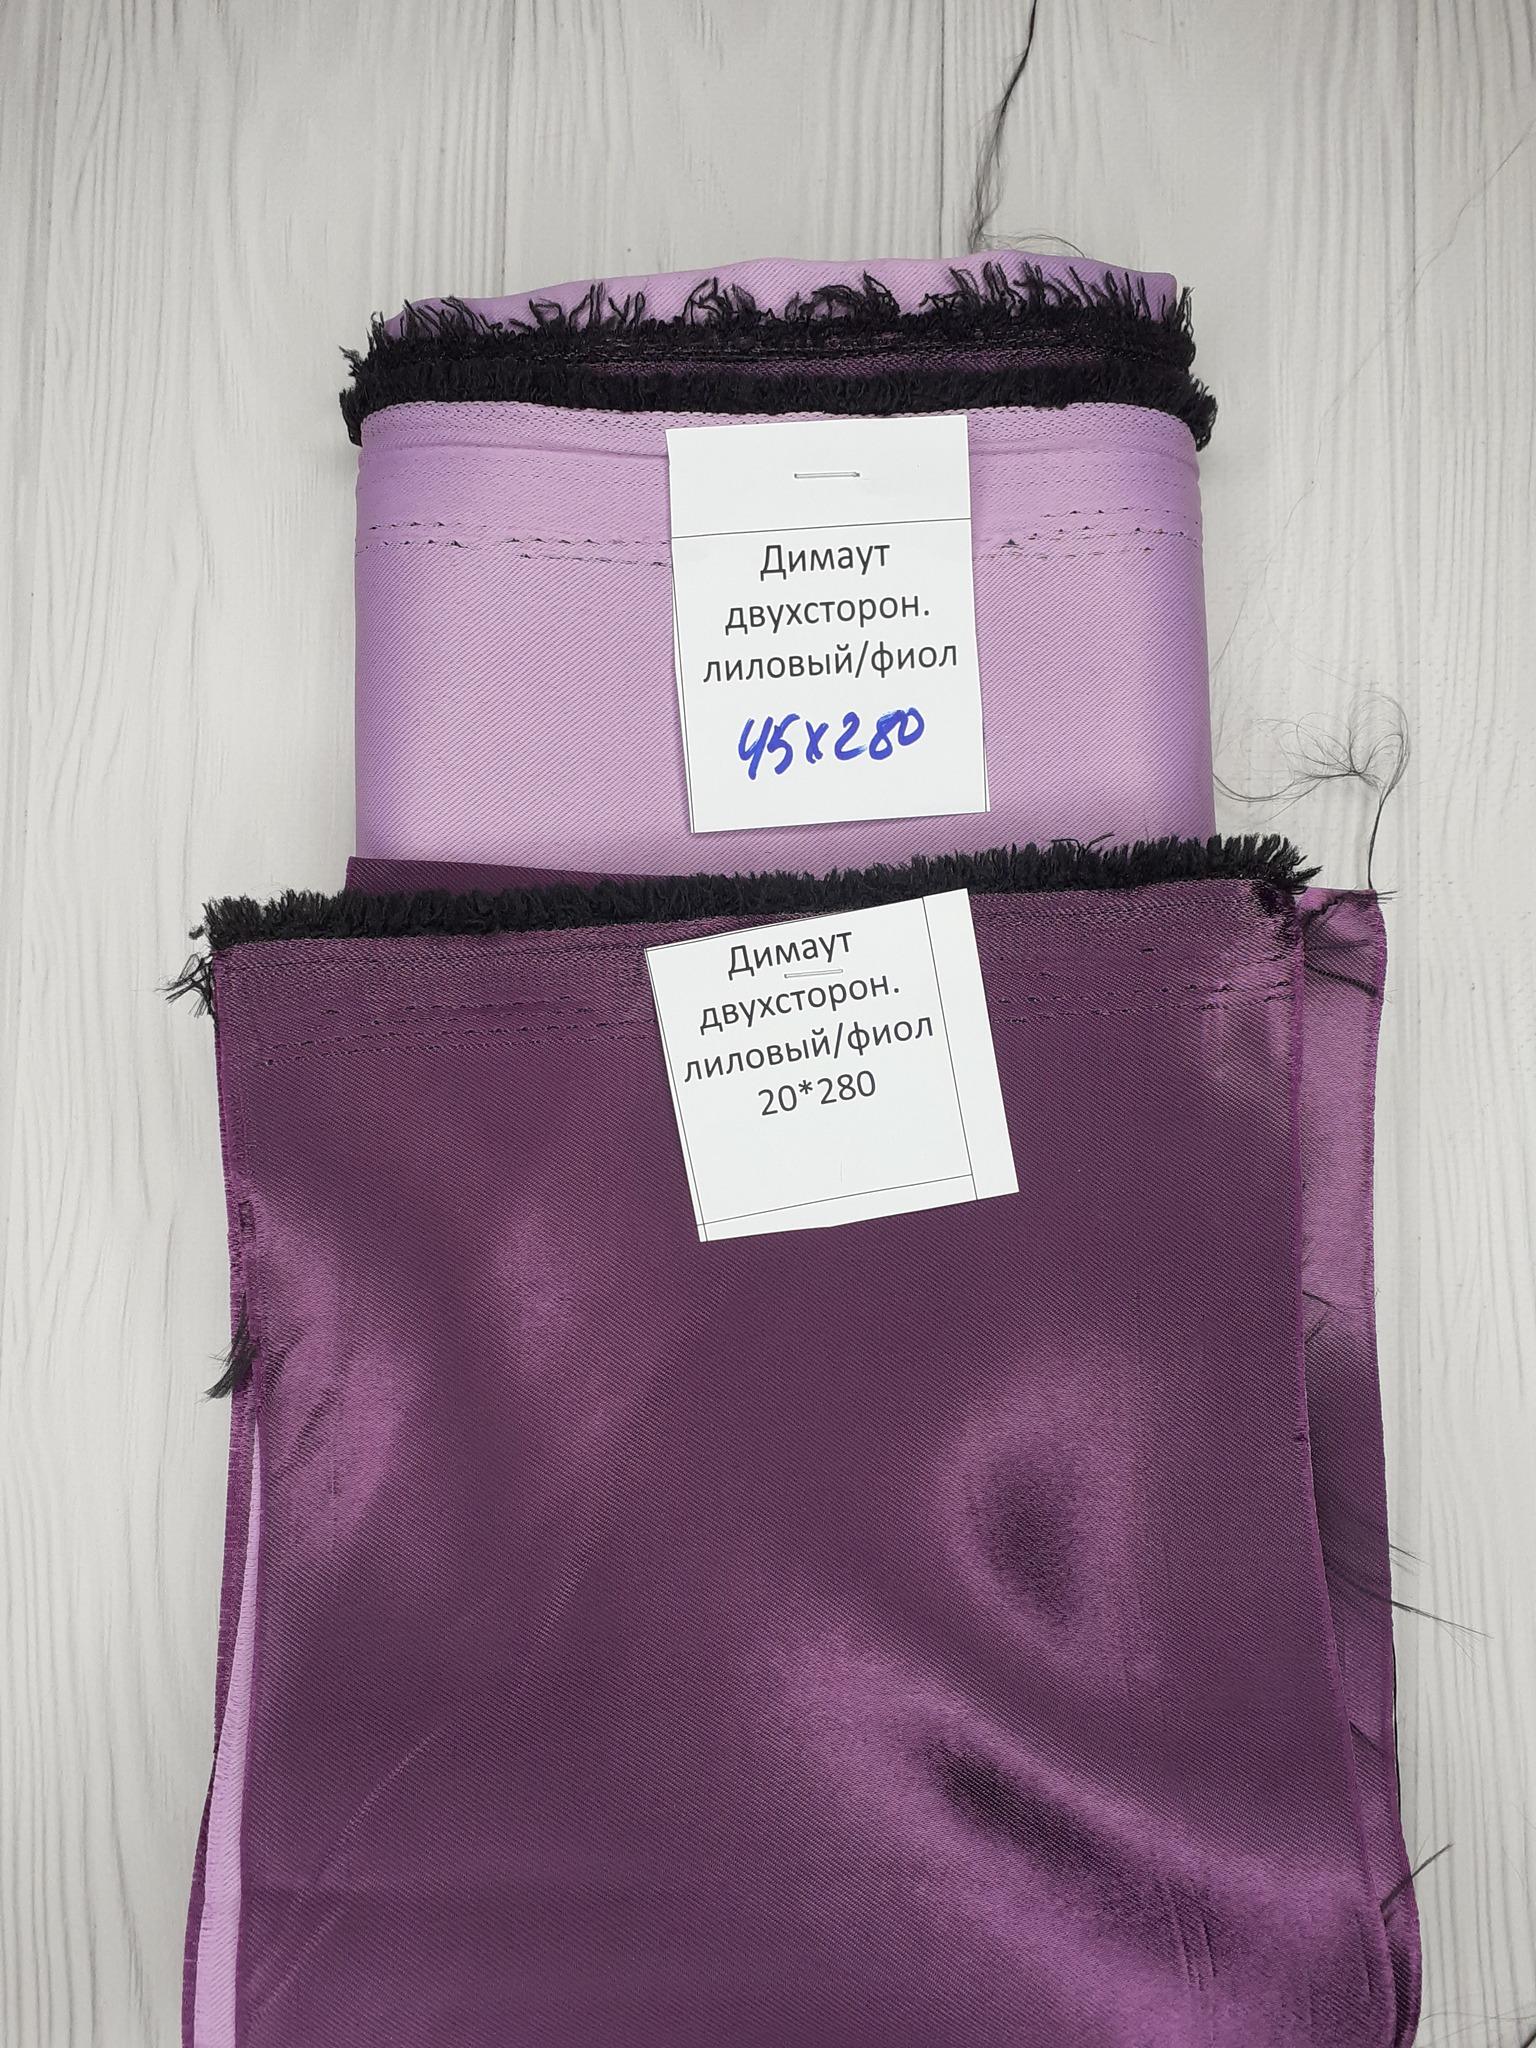 Димаут двухсторонний лиловый/фиолетовый (лоскут)